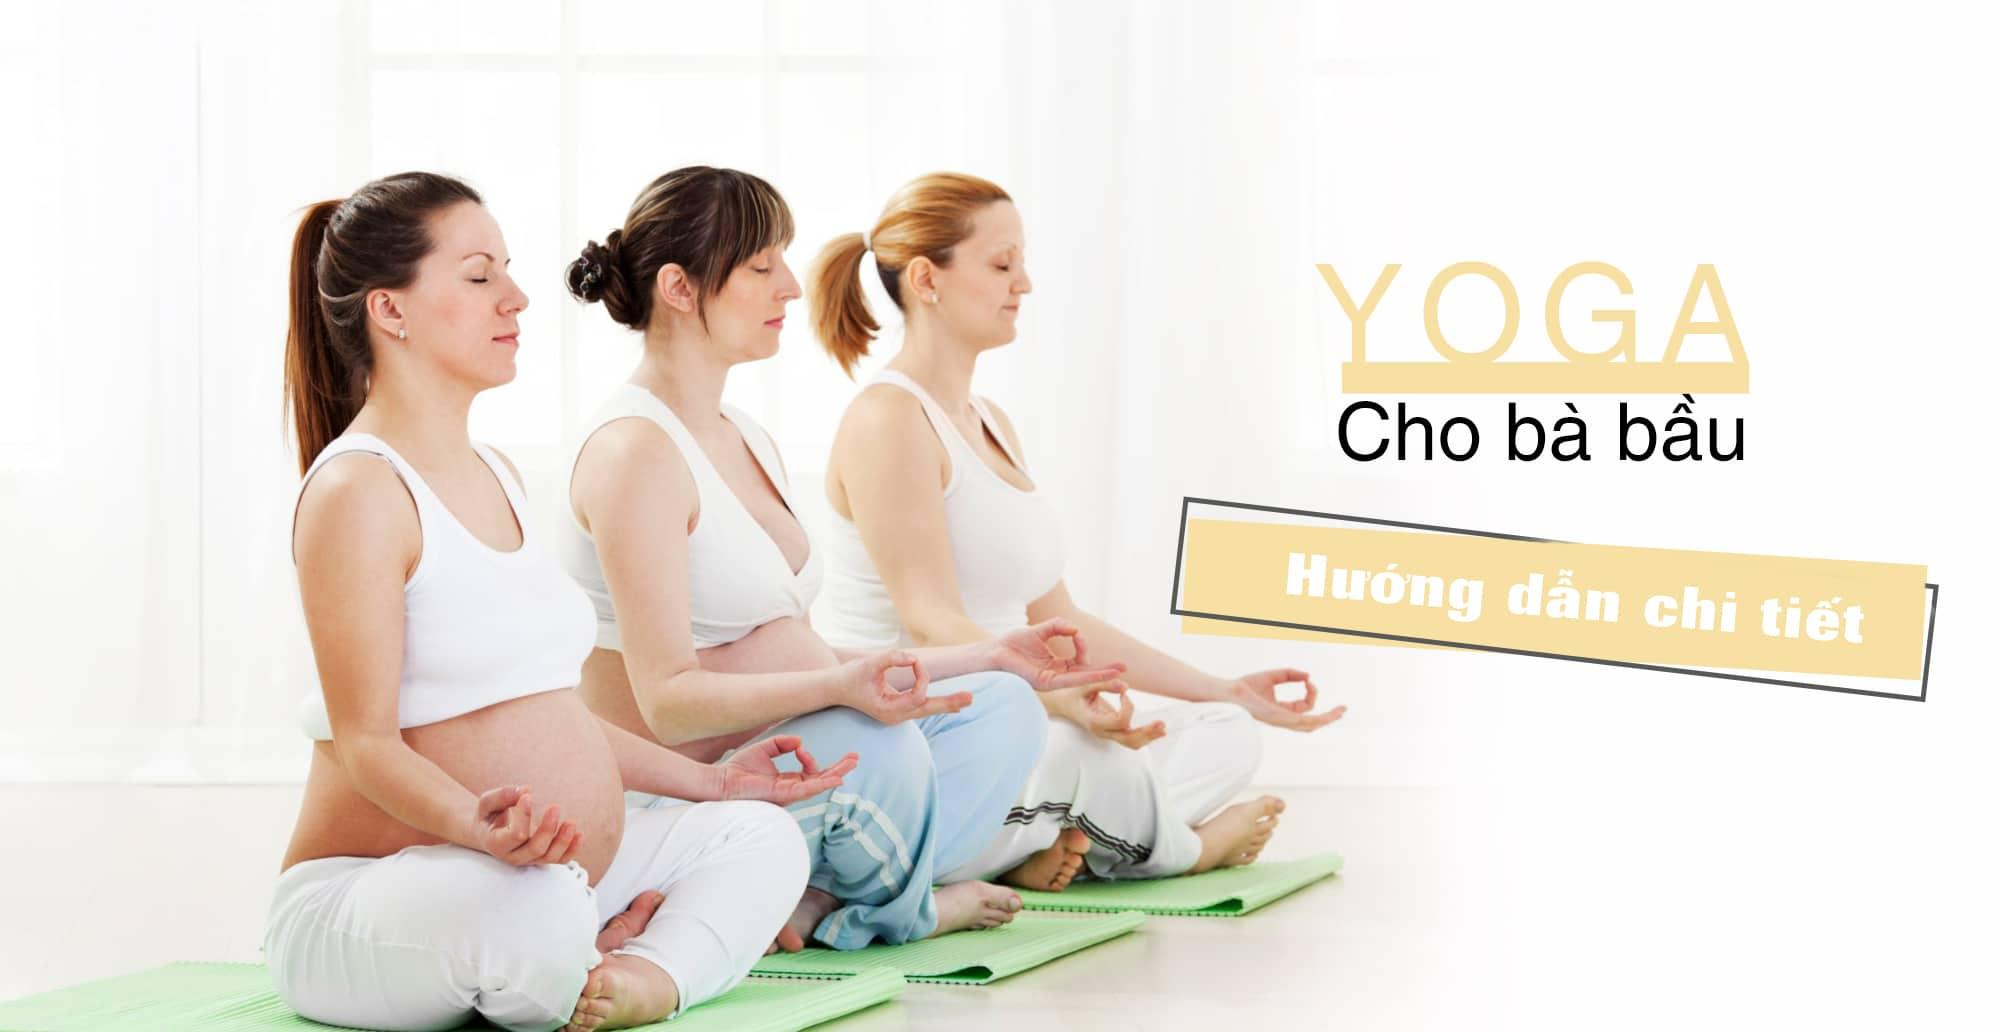 hướng dẫn chi tiết cách tập Yoga cho bà bầu